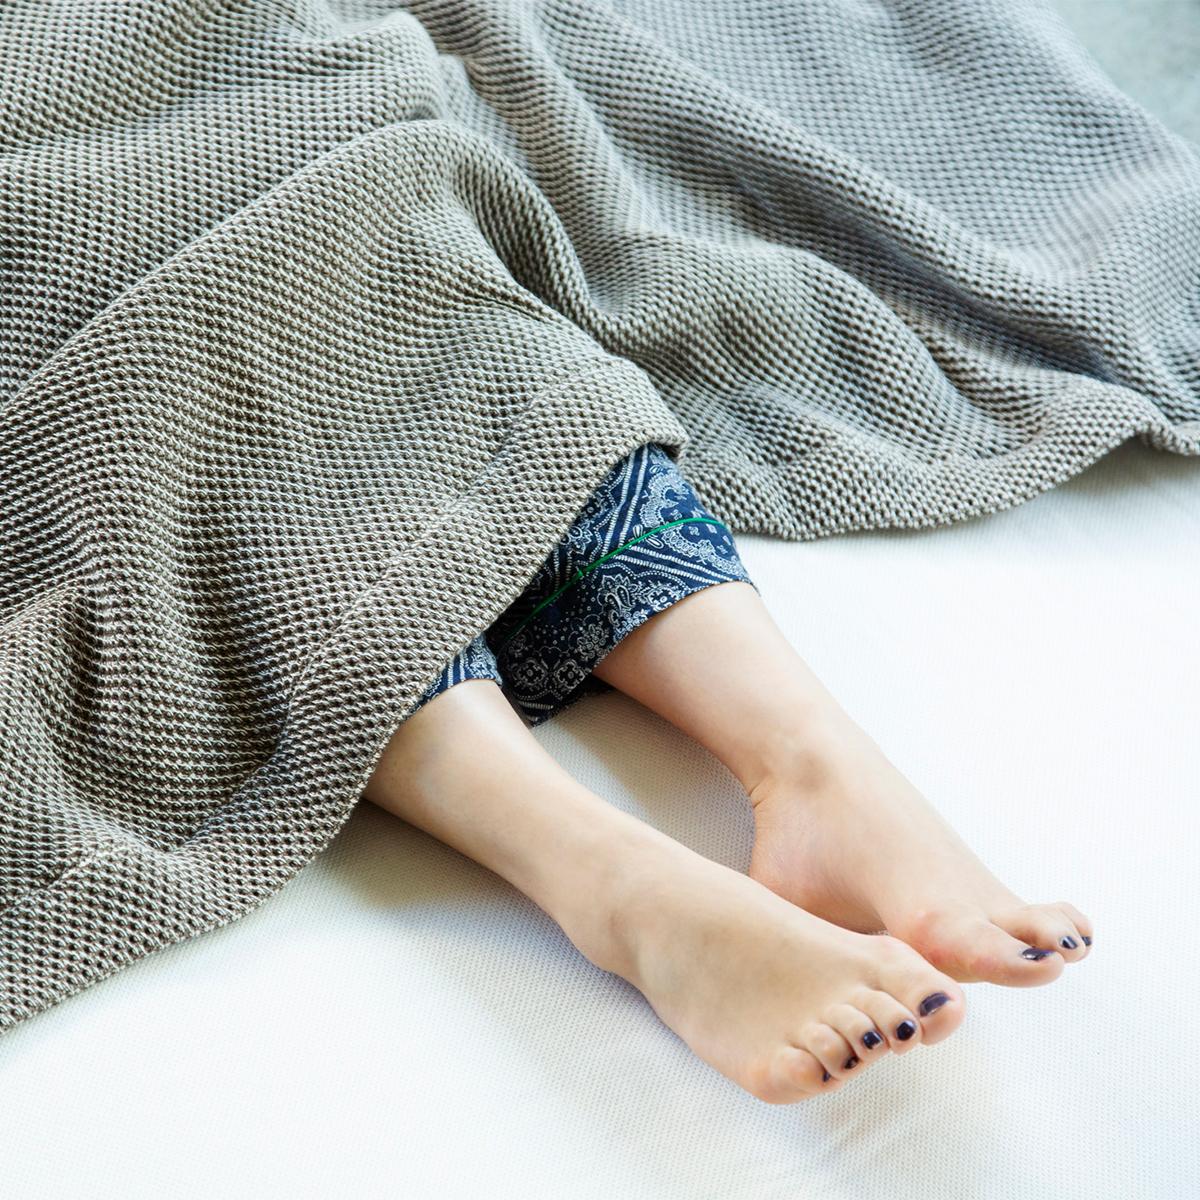 「熟睡」を追求した凹凸状のハニカム織りのハニカムケット(ワッフルケット)